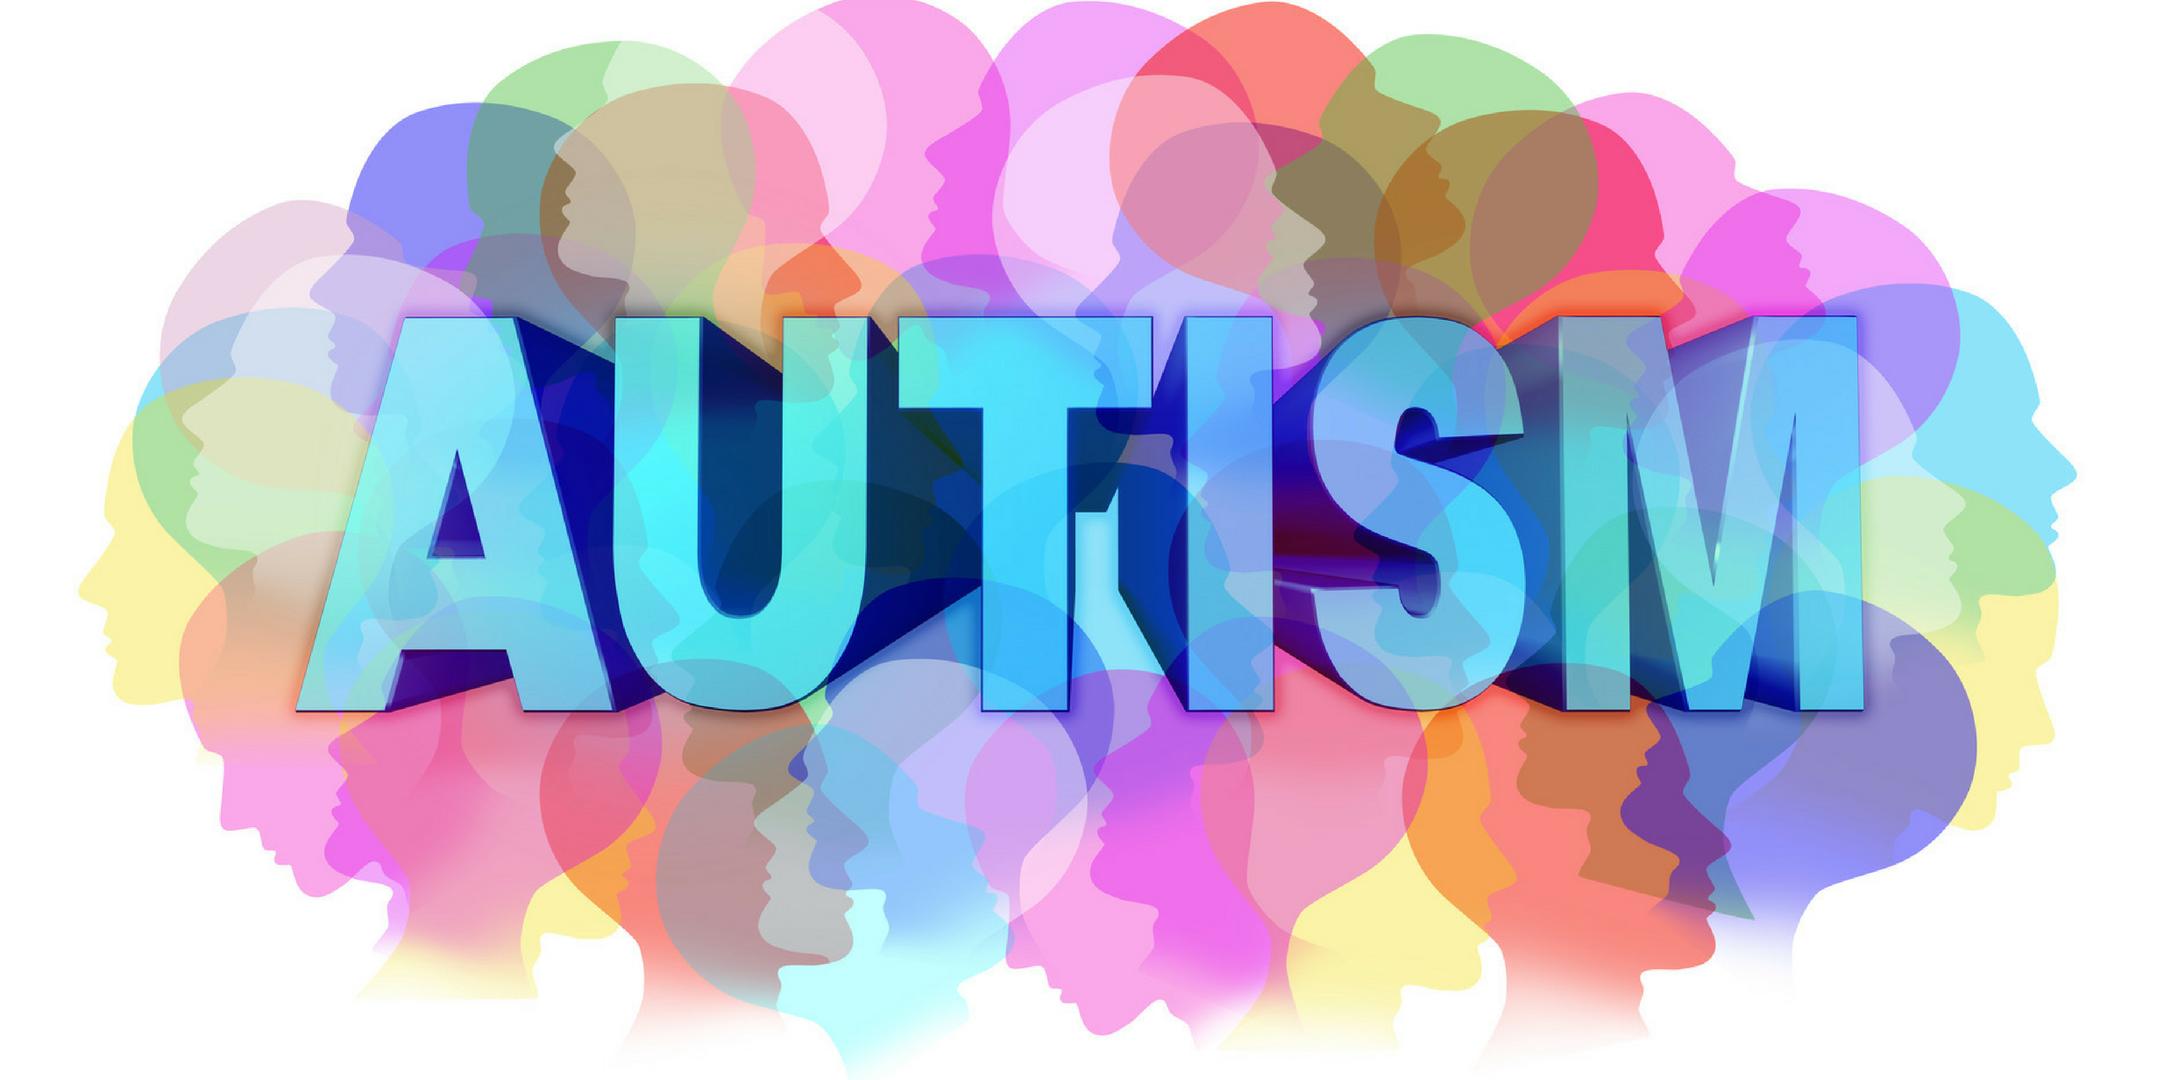 Autism Awareness Sunday